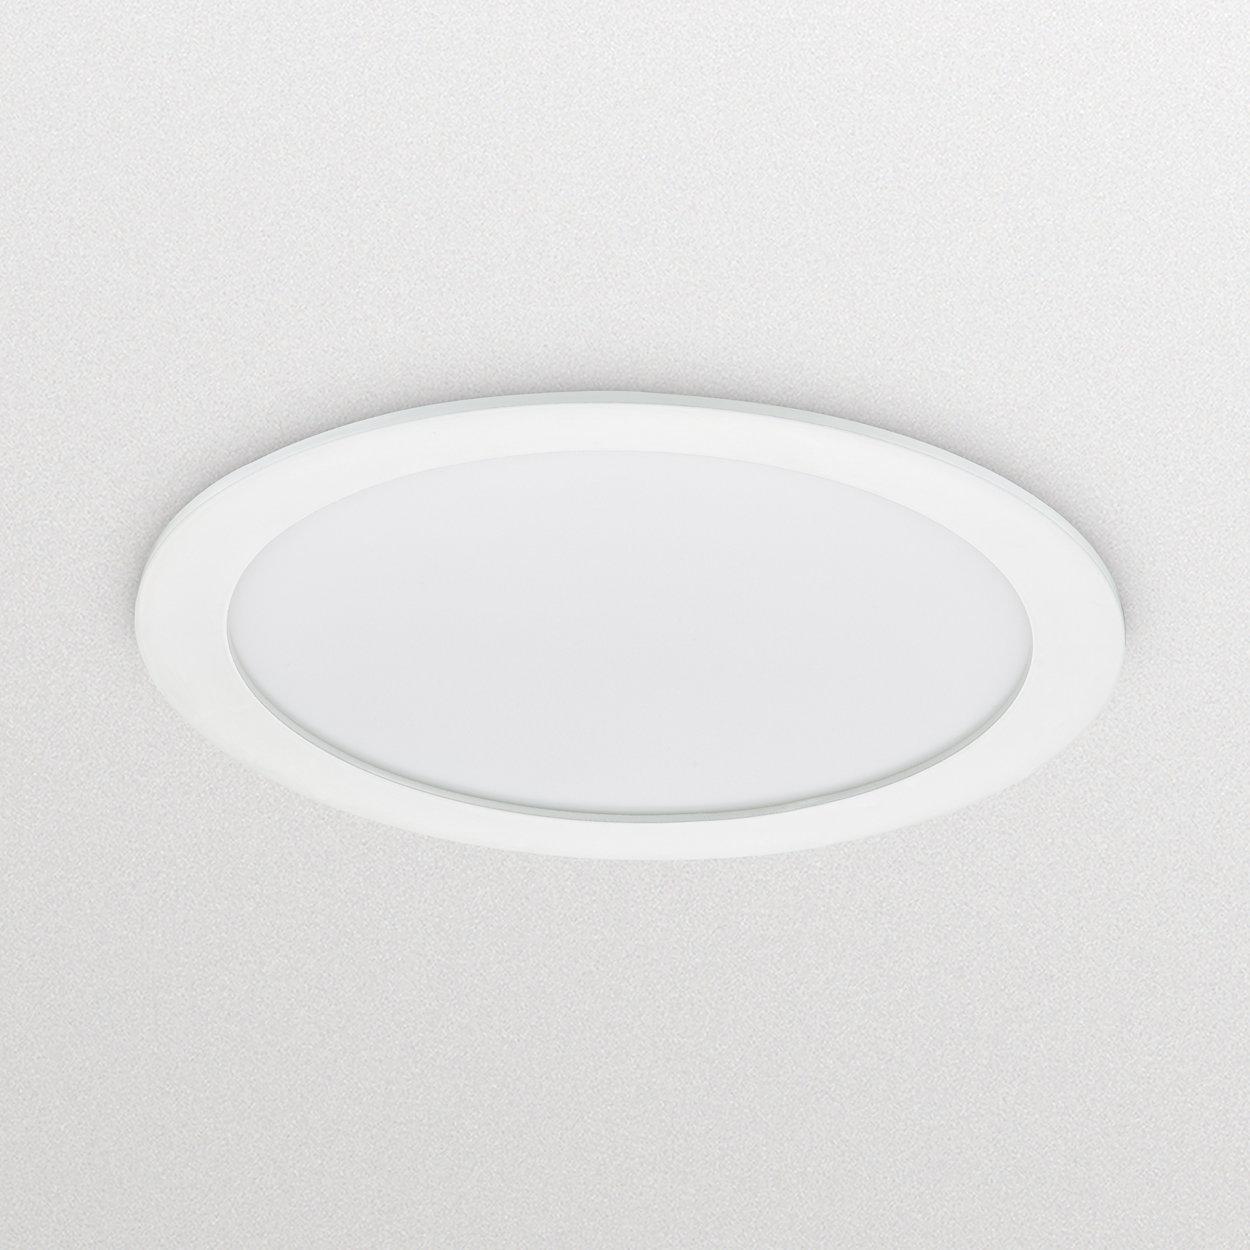 CoreLine SlimDownlight - voor elke ruimte een oplossing